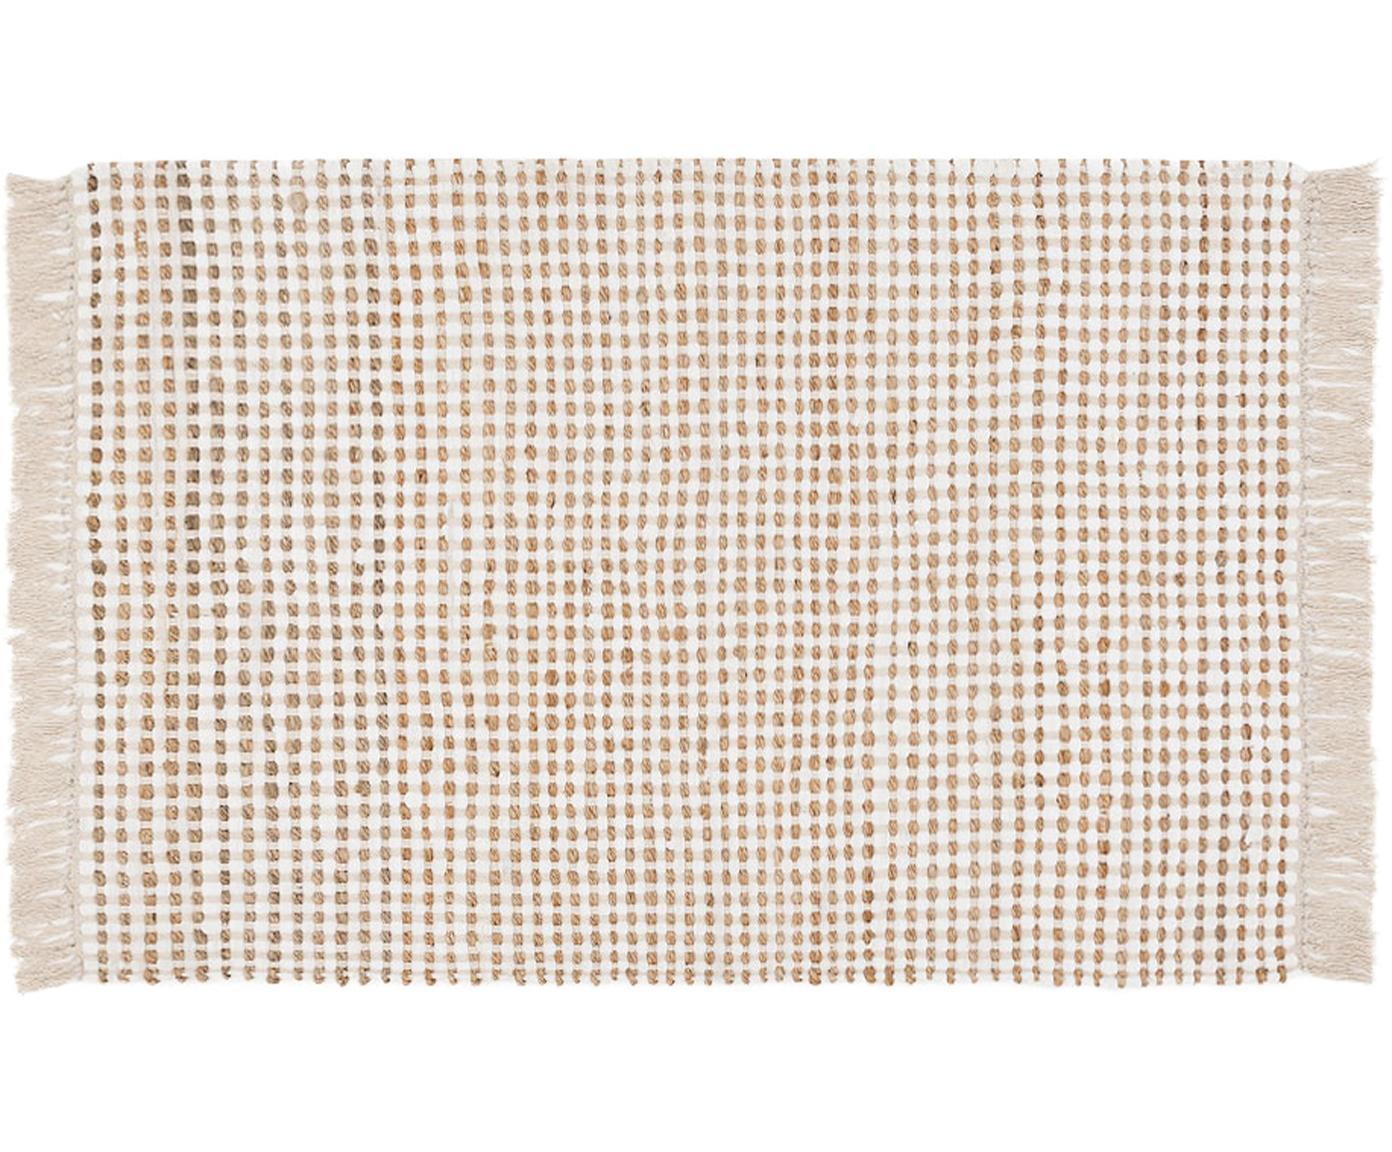 Teppich Fiesta aus Baumwolle/Jute, 55% Baumwolle, 45% Jute, Weiß, Beige, B 200 x L 300 cm (Größe L)